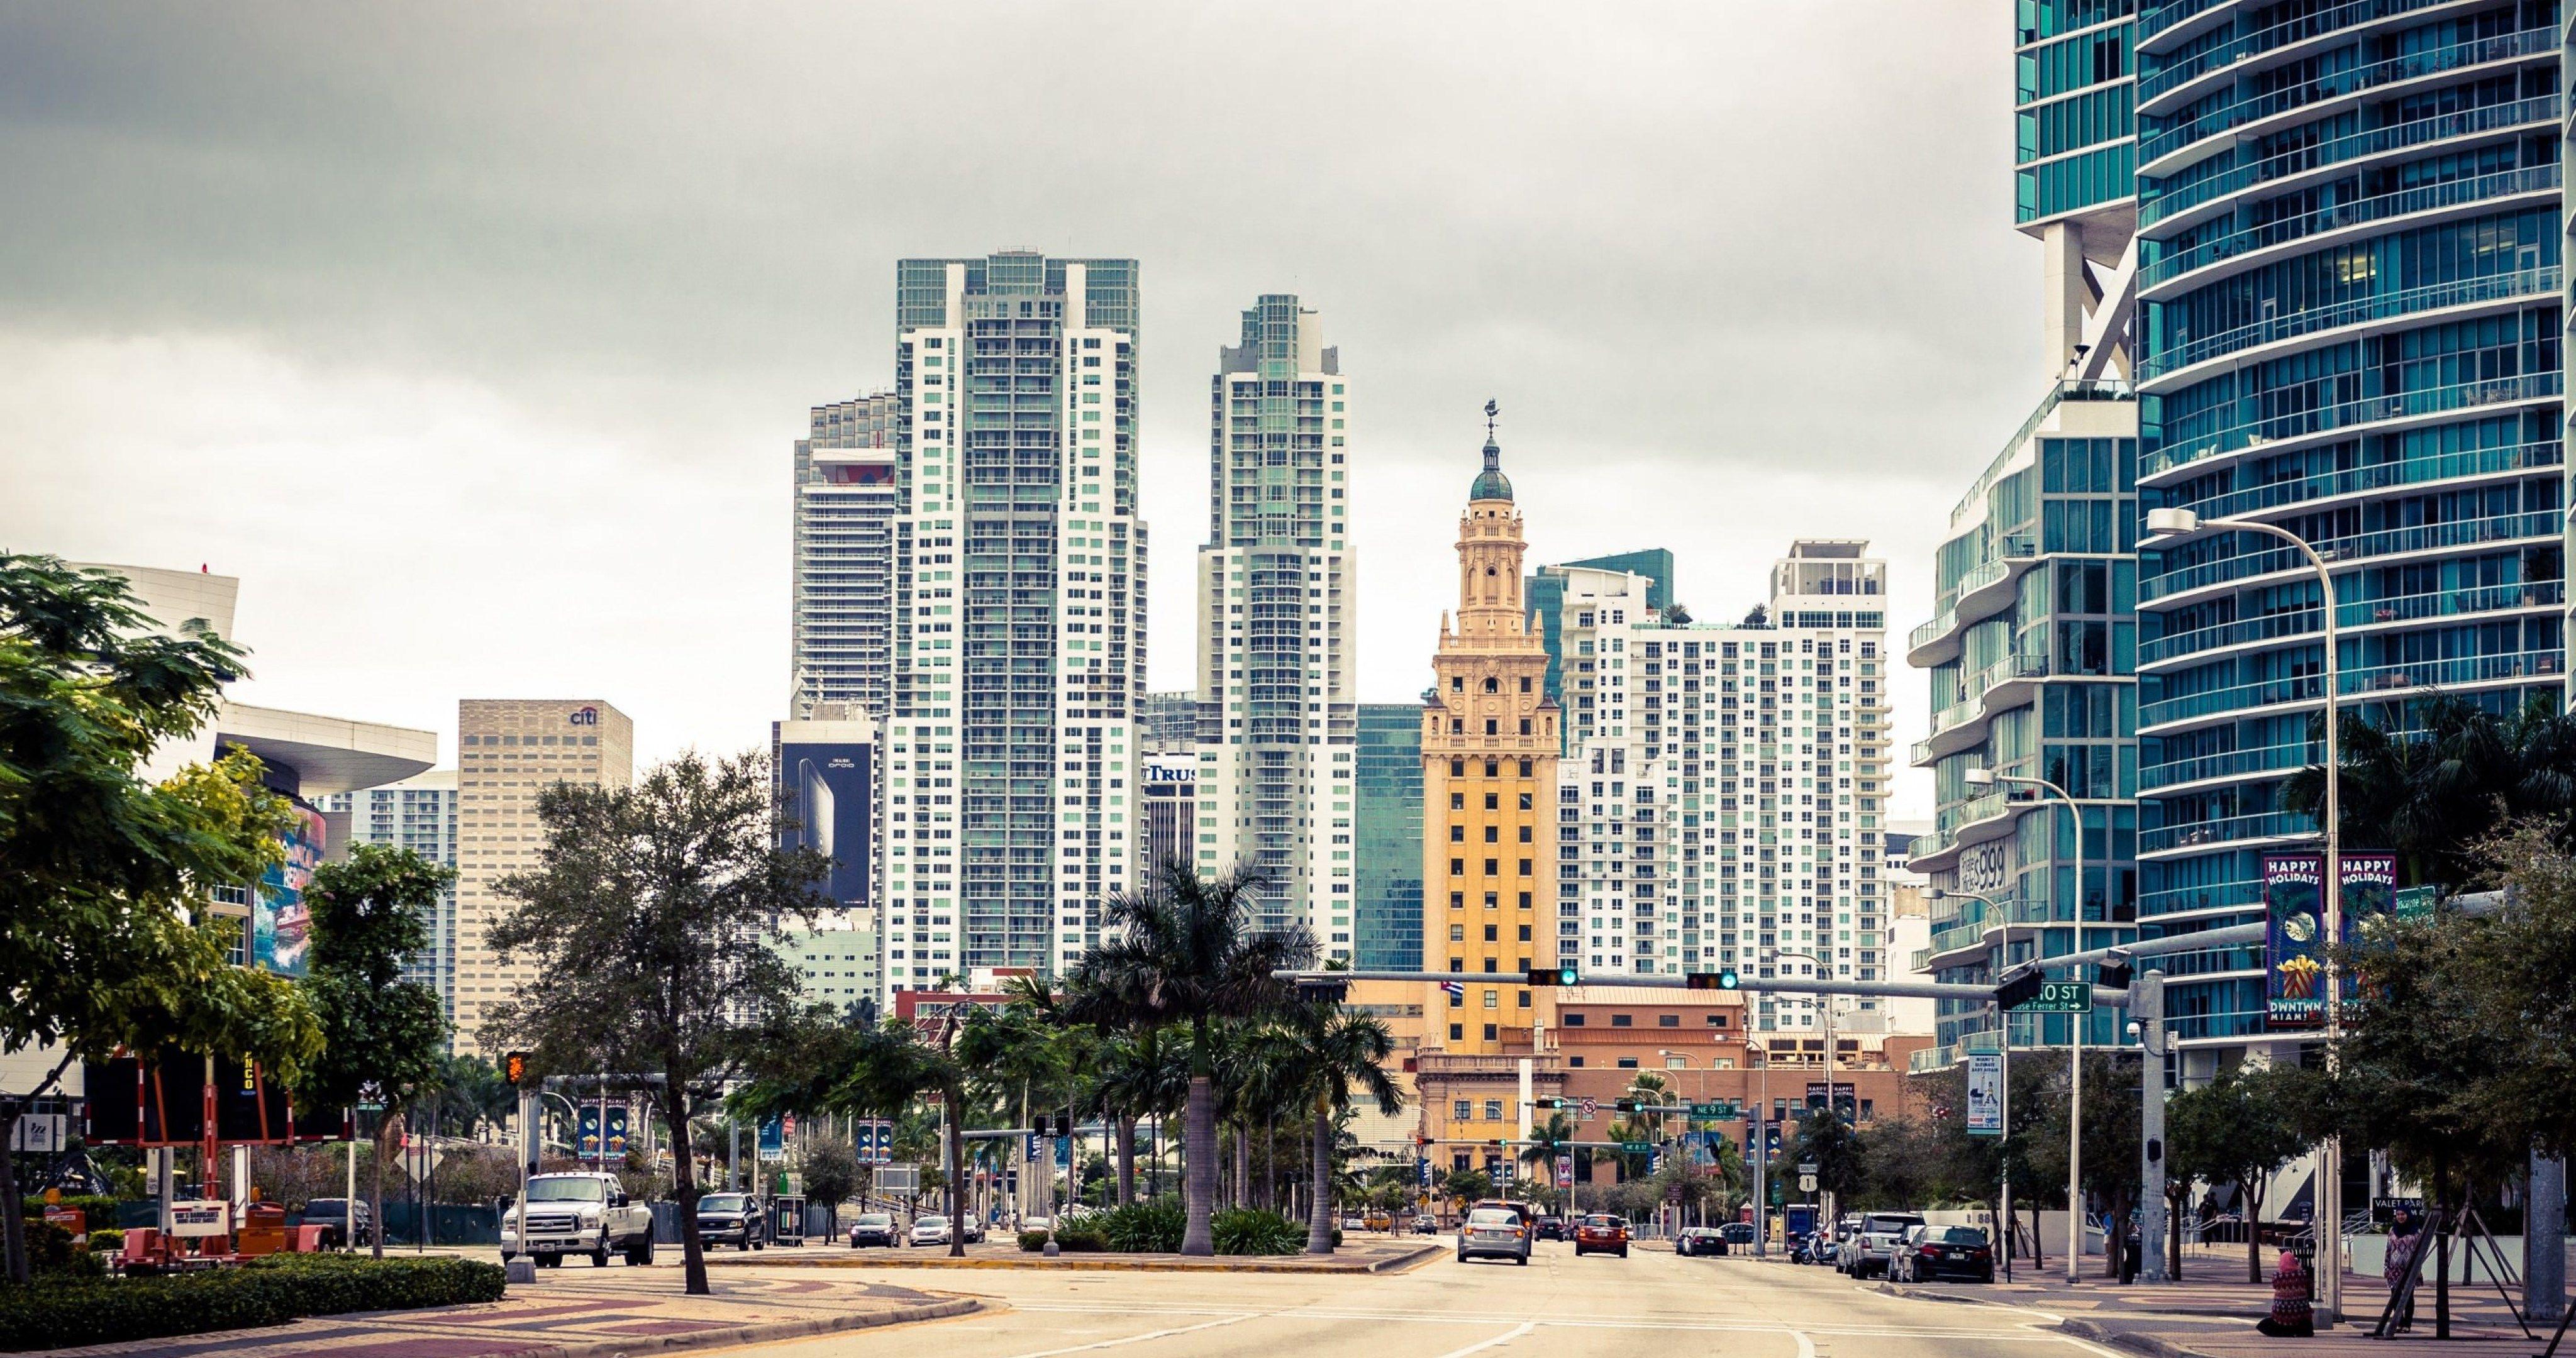 Street In Miami Florida 4k Ultra Hd Wallpaper Miami City